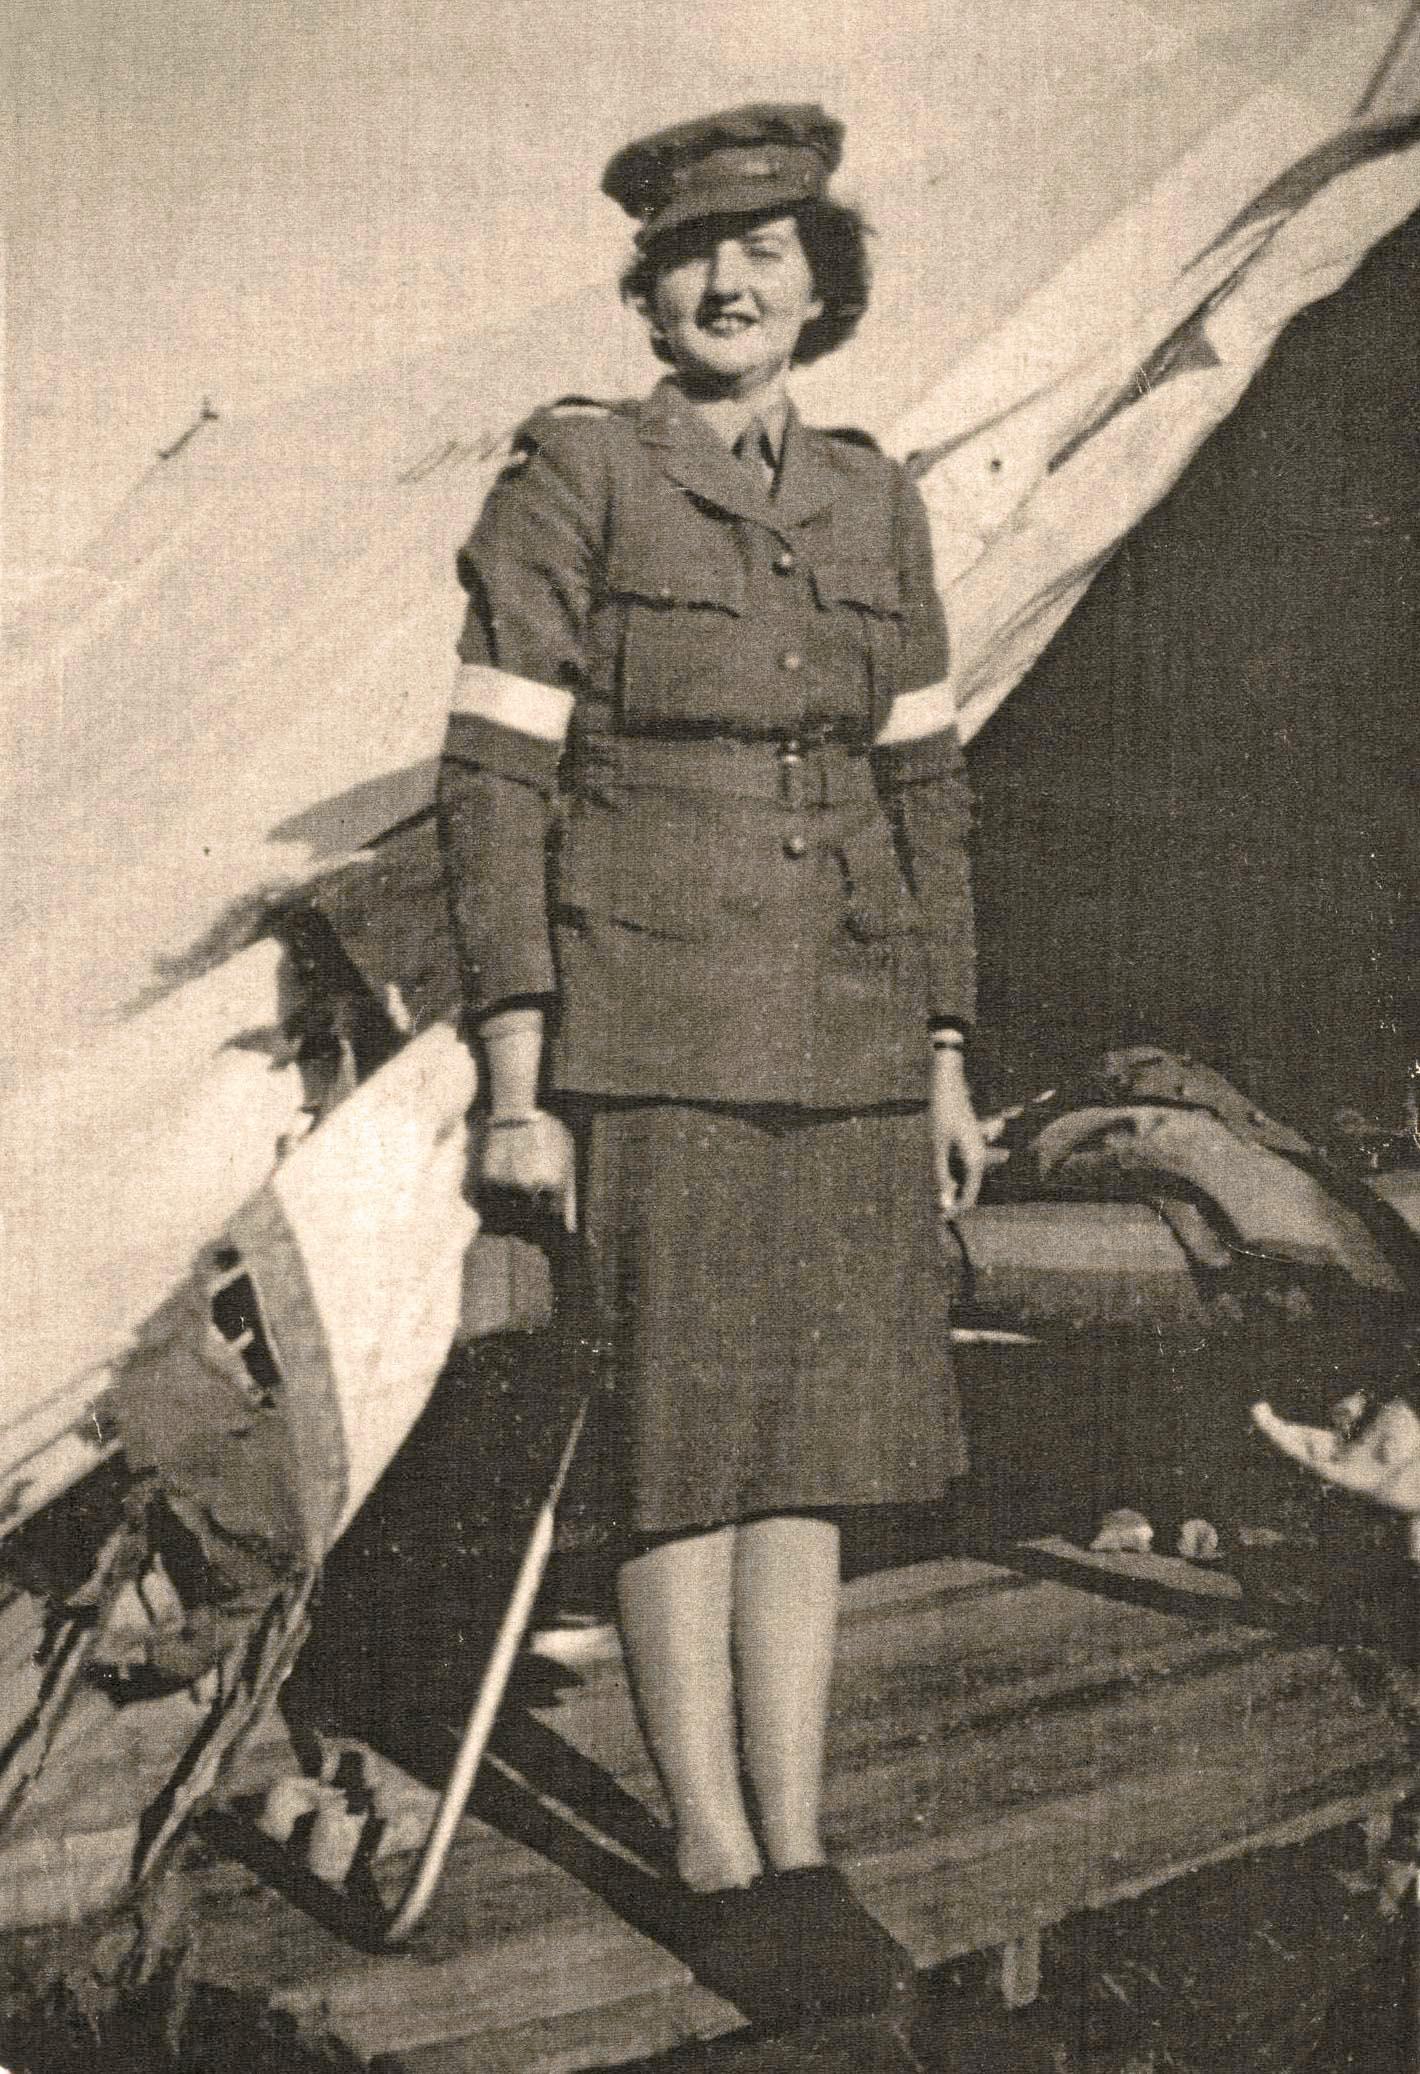 Lance Corporal Nancy Irene Ford (nee Kirkland).